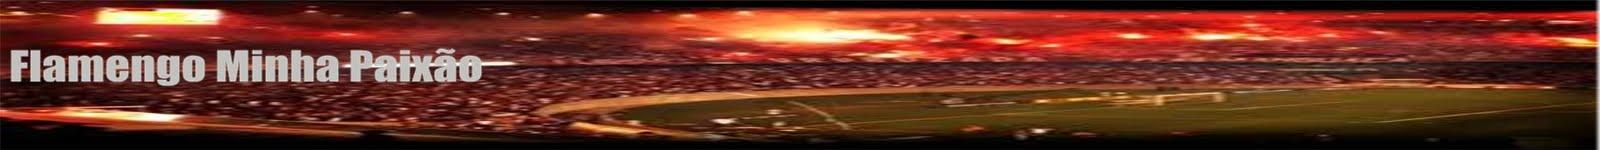 Flamengo Minha Paixão